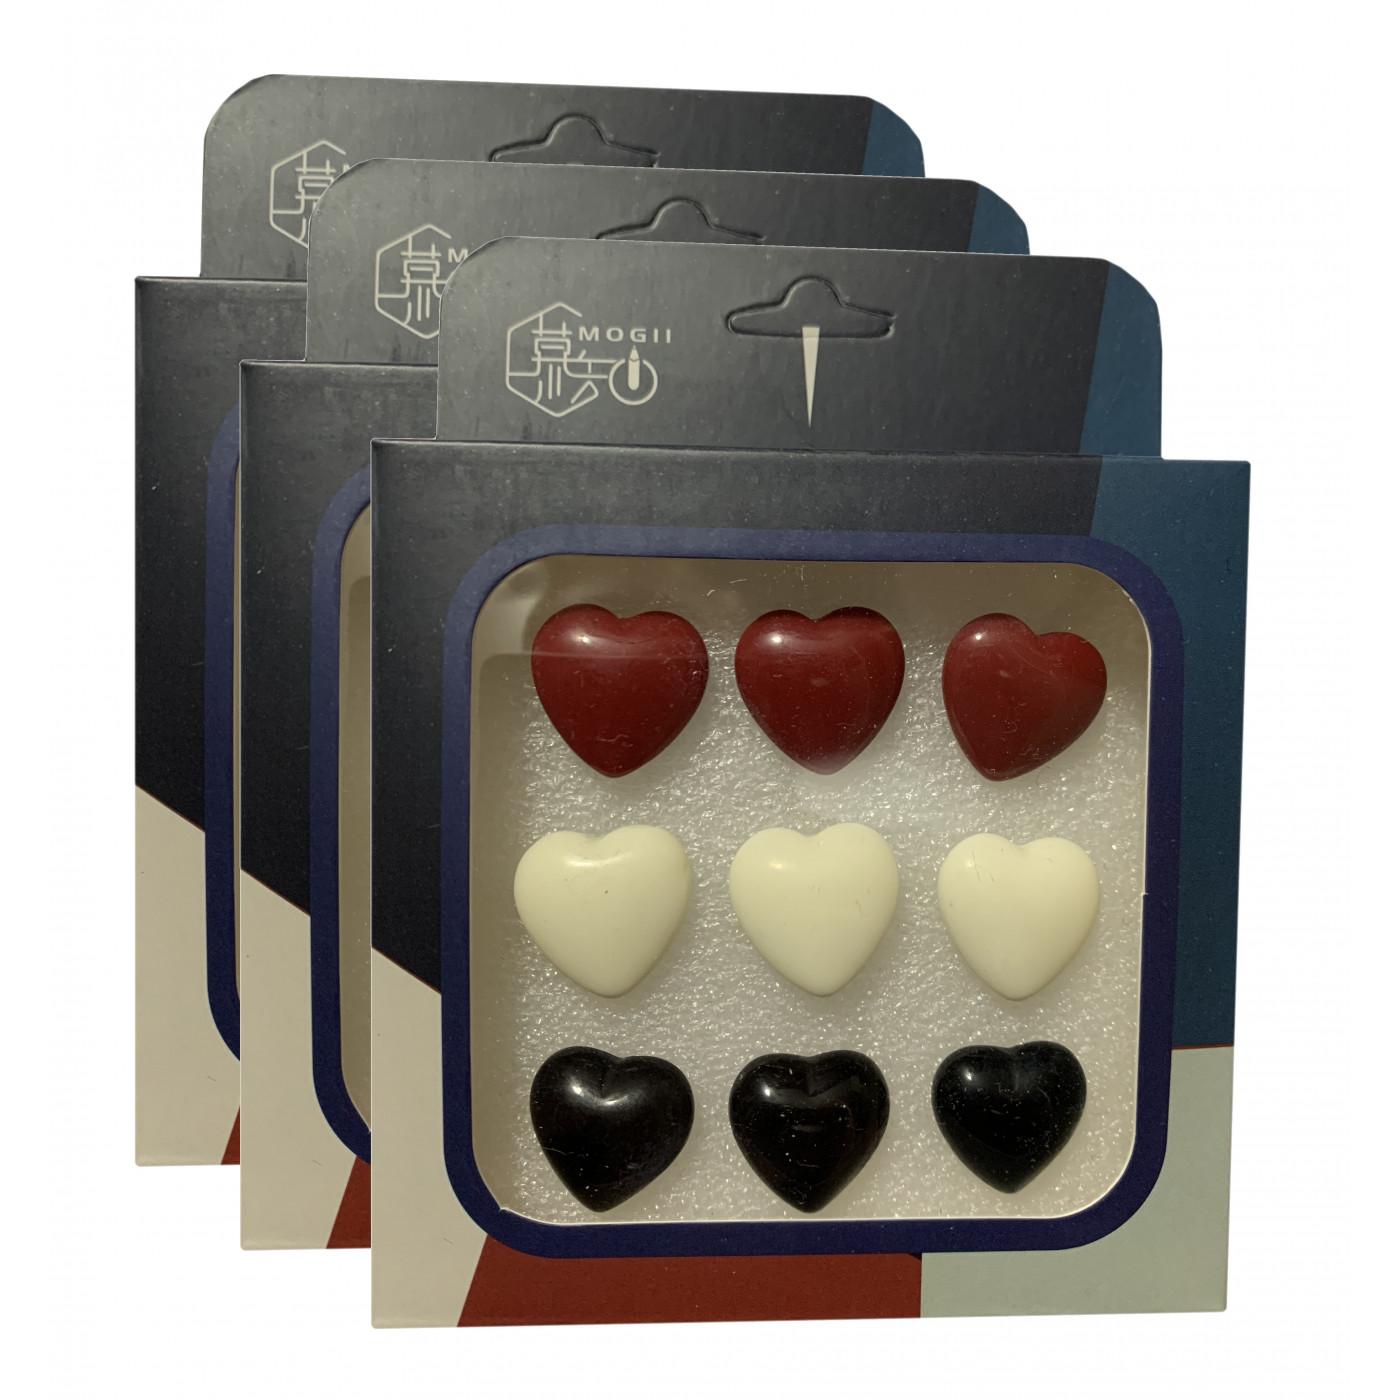 Set von 27 süßen Reißnägeln in Schachteln (Modell: Herzen, rot, weiß und schwarz)  - 1